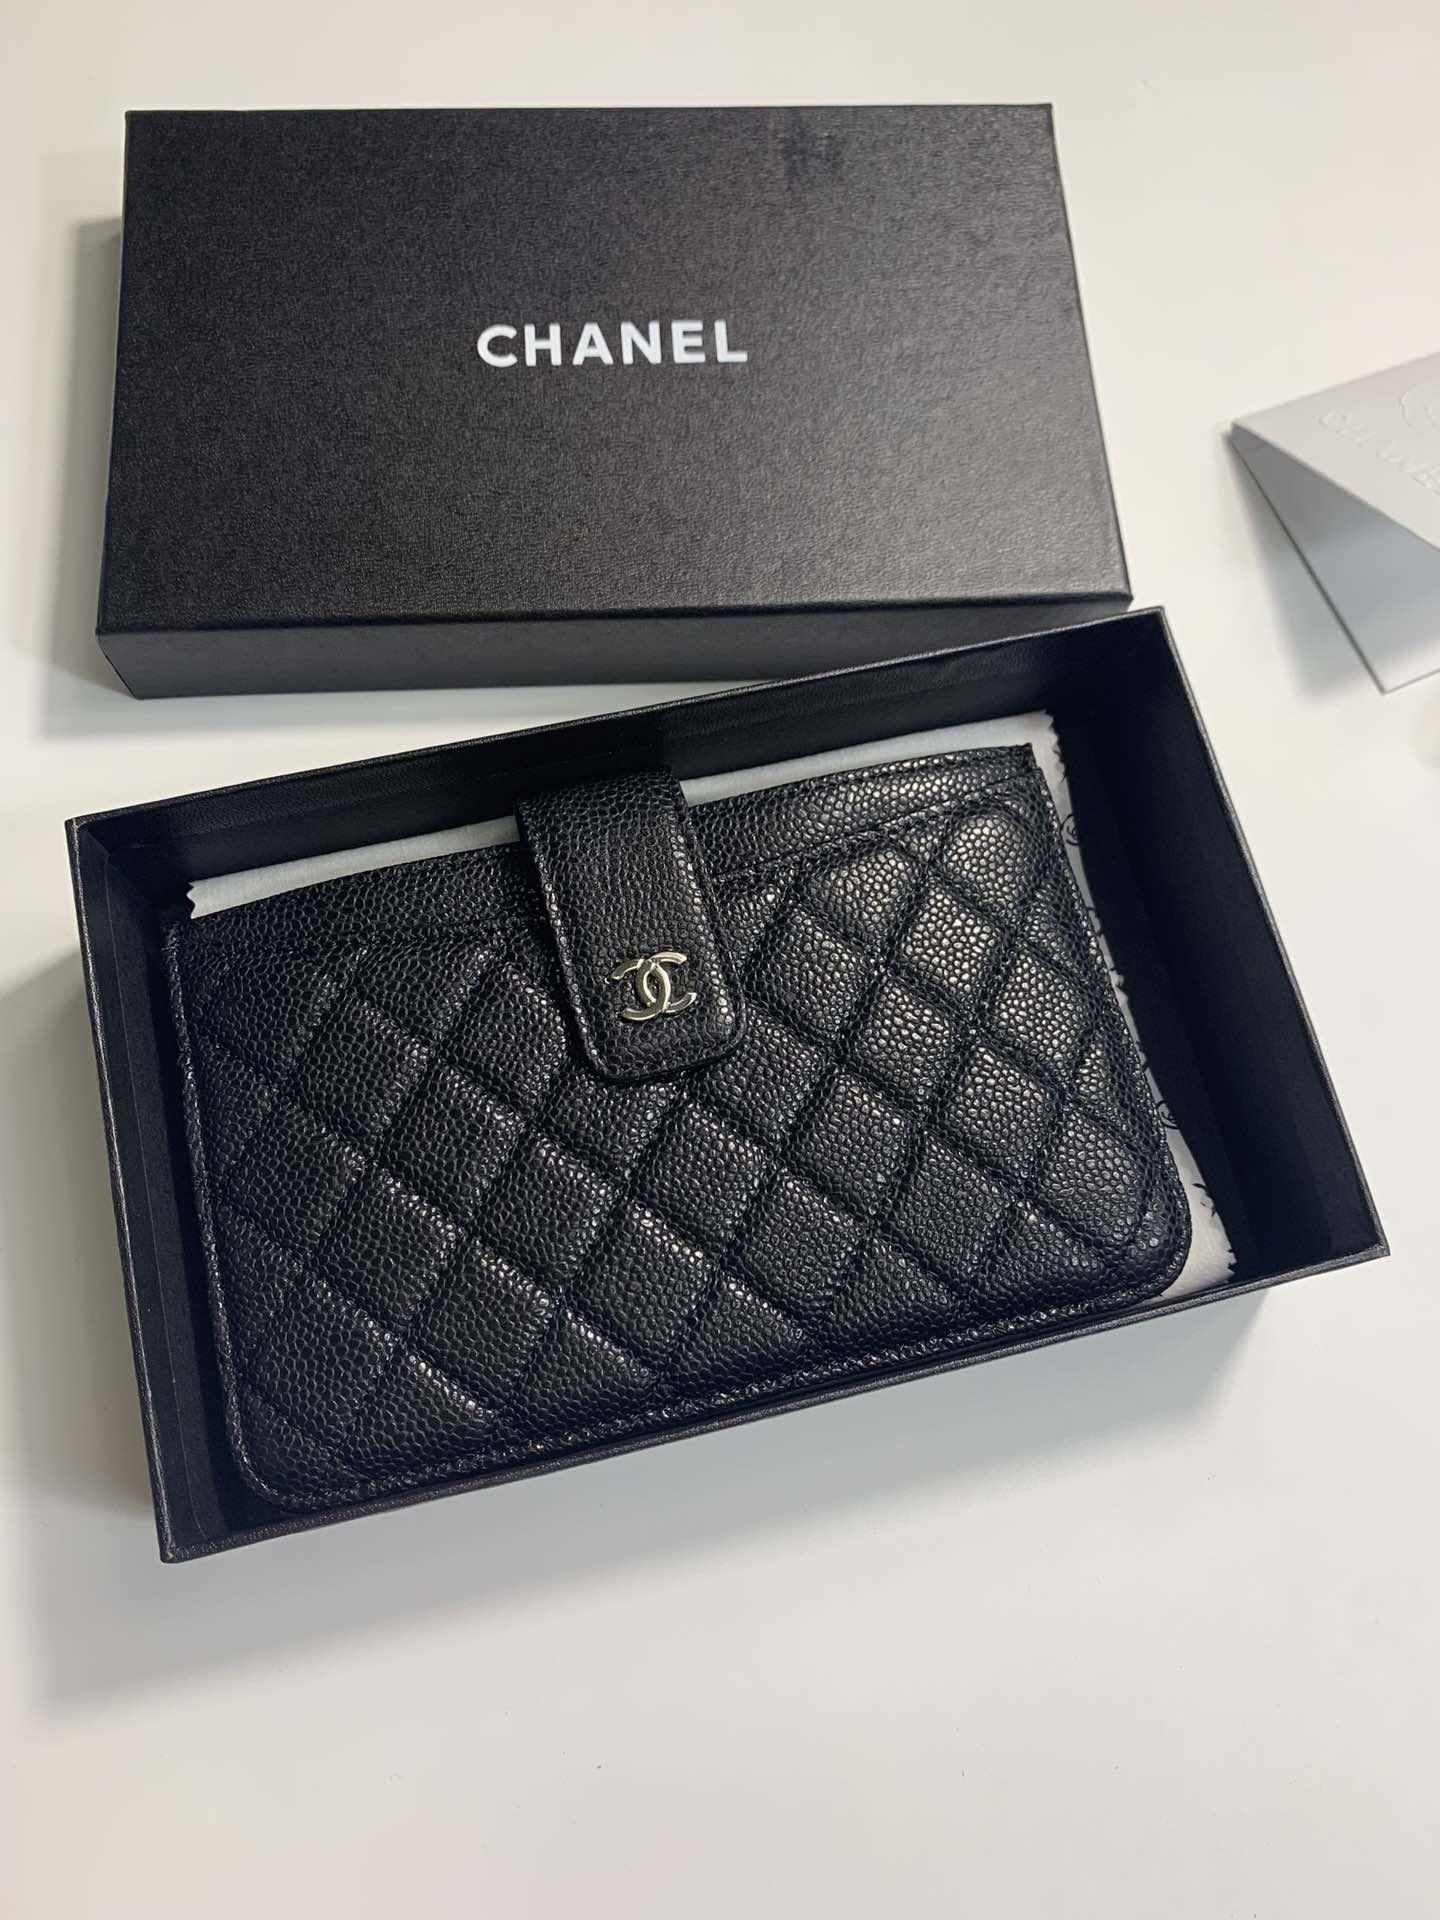 Replica Chanel Women Small Card Bag Grained Calfskin Silver-Tone